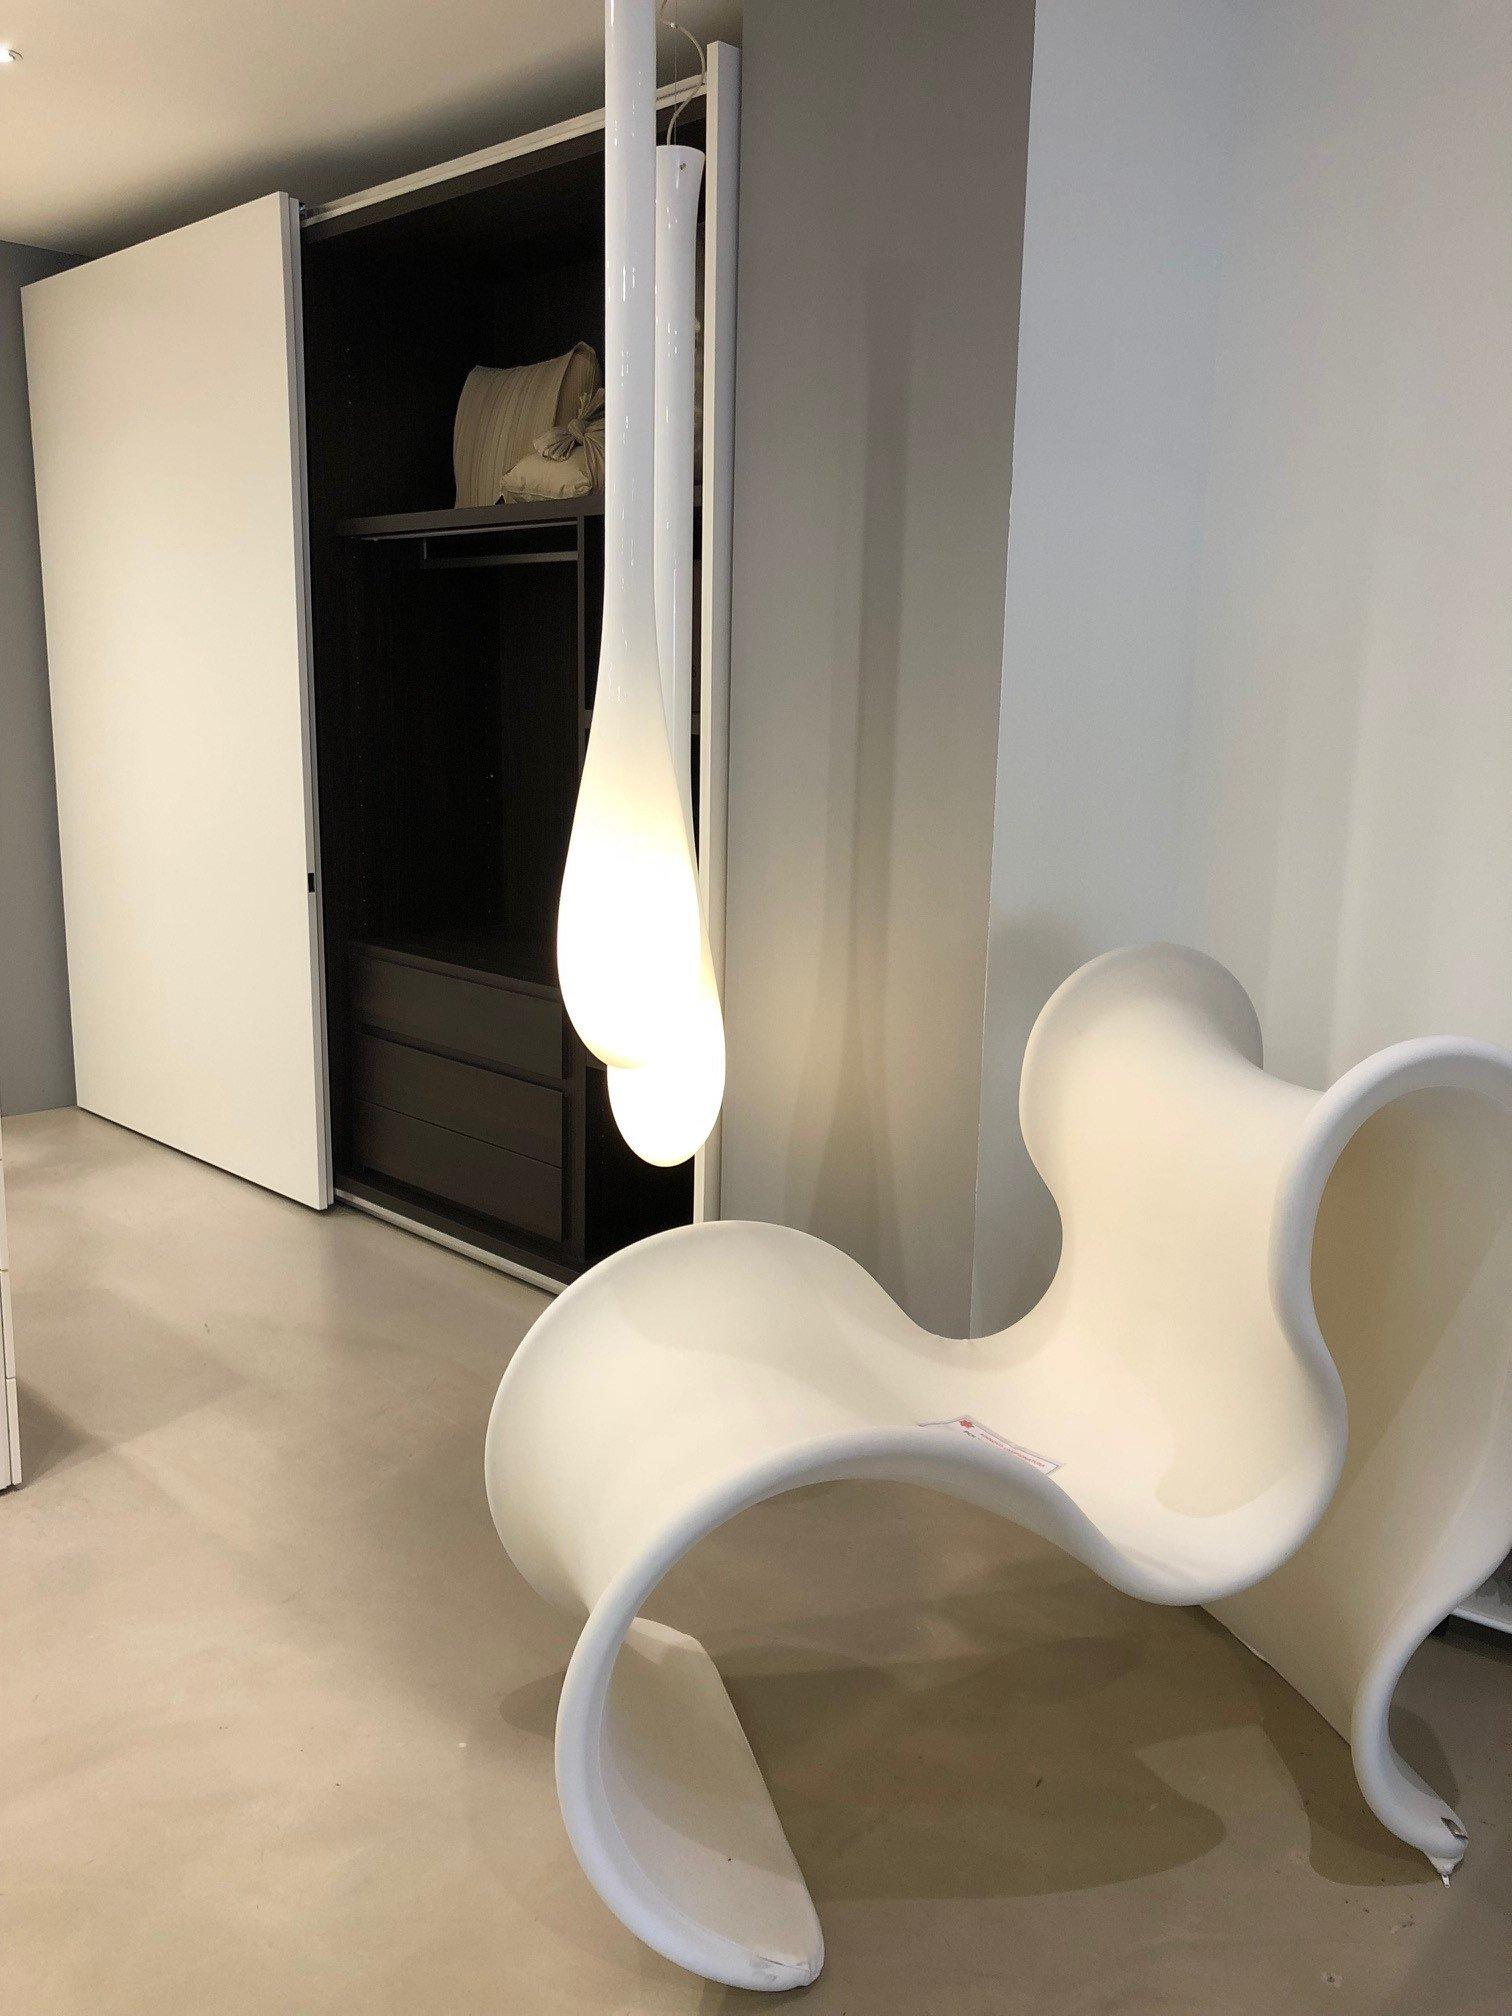 Arredo e mobili per la casa verona ambienti for Arredo casa verona